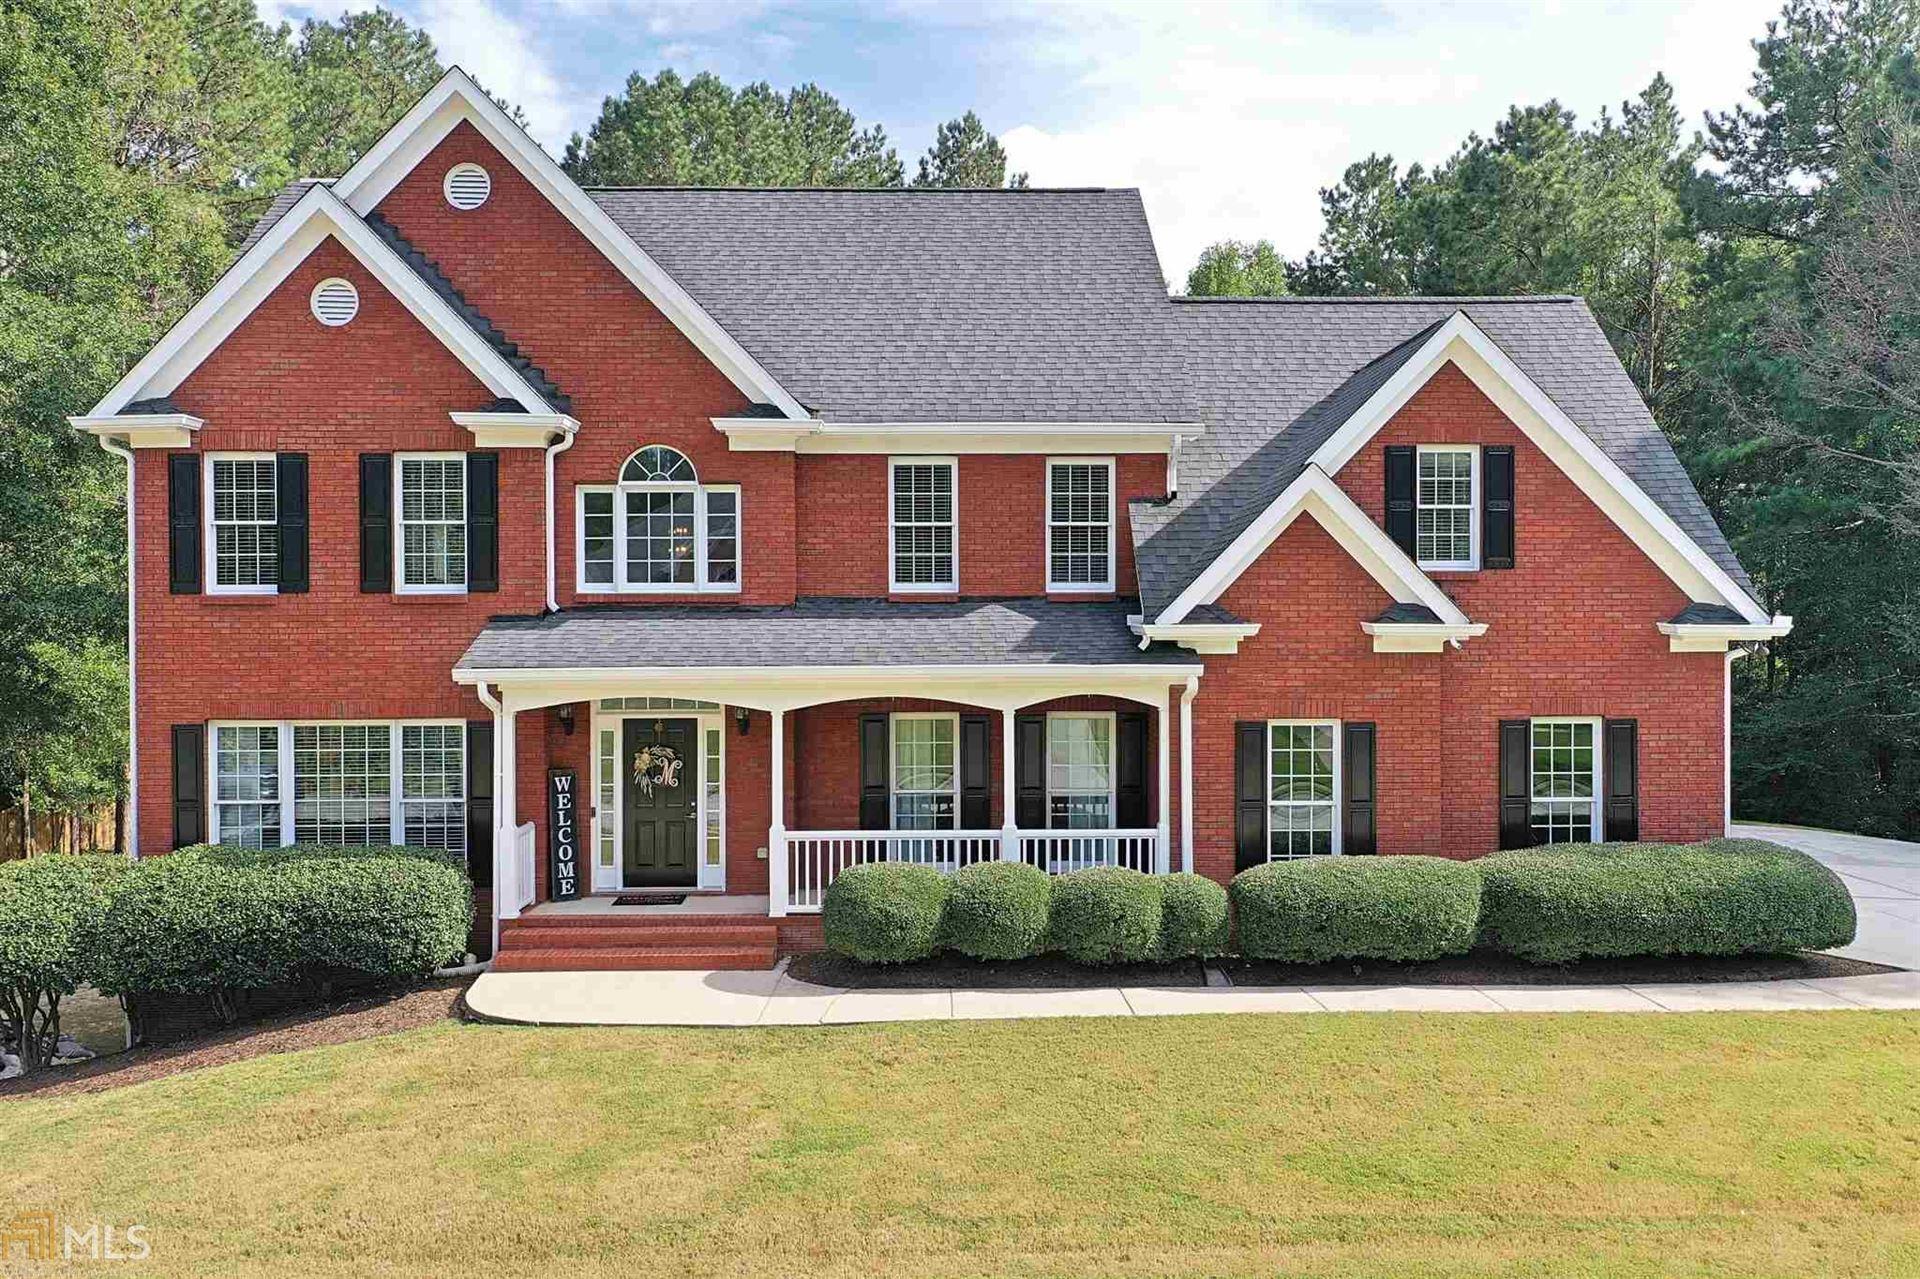 7520 Greens Mill, Loganville, GA 30052 - MLS#: 8862807